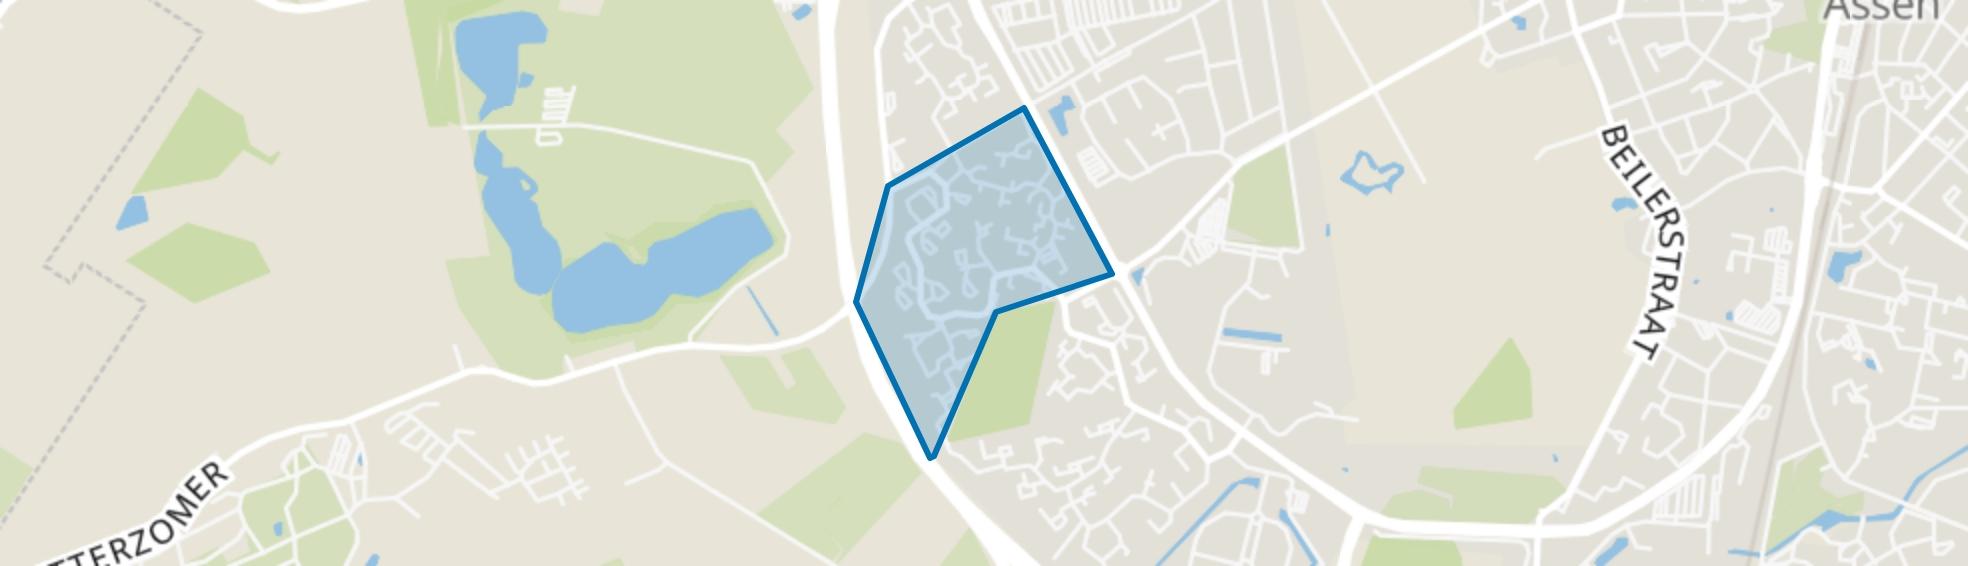 Baggelhuizen Midden, Assen map